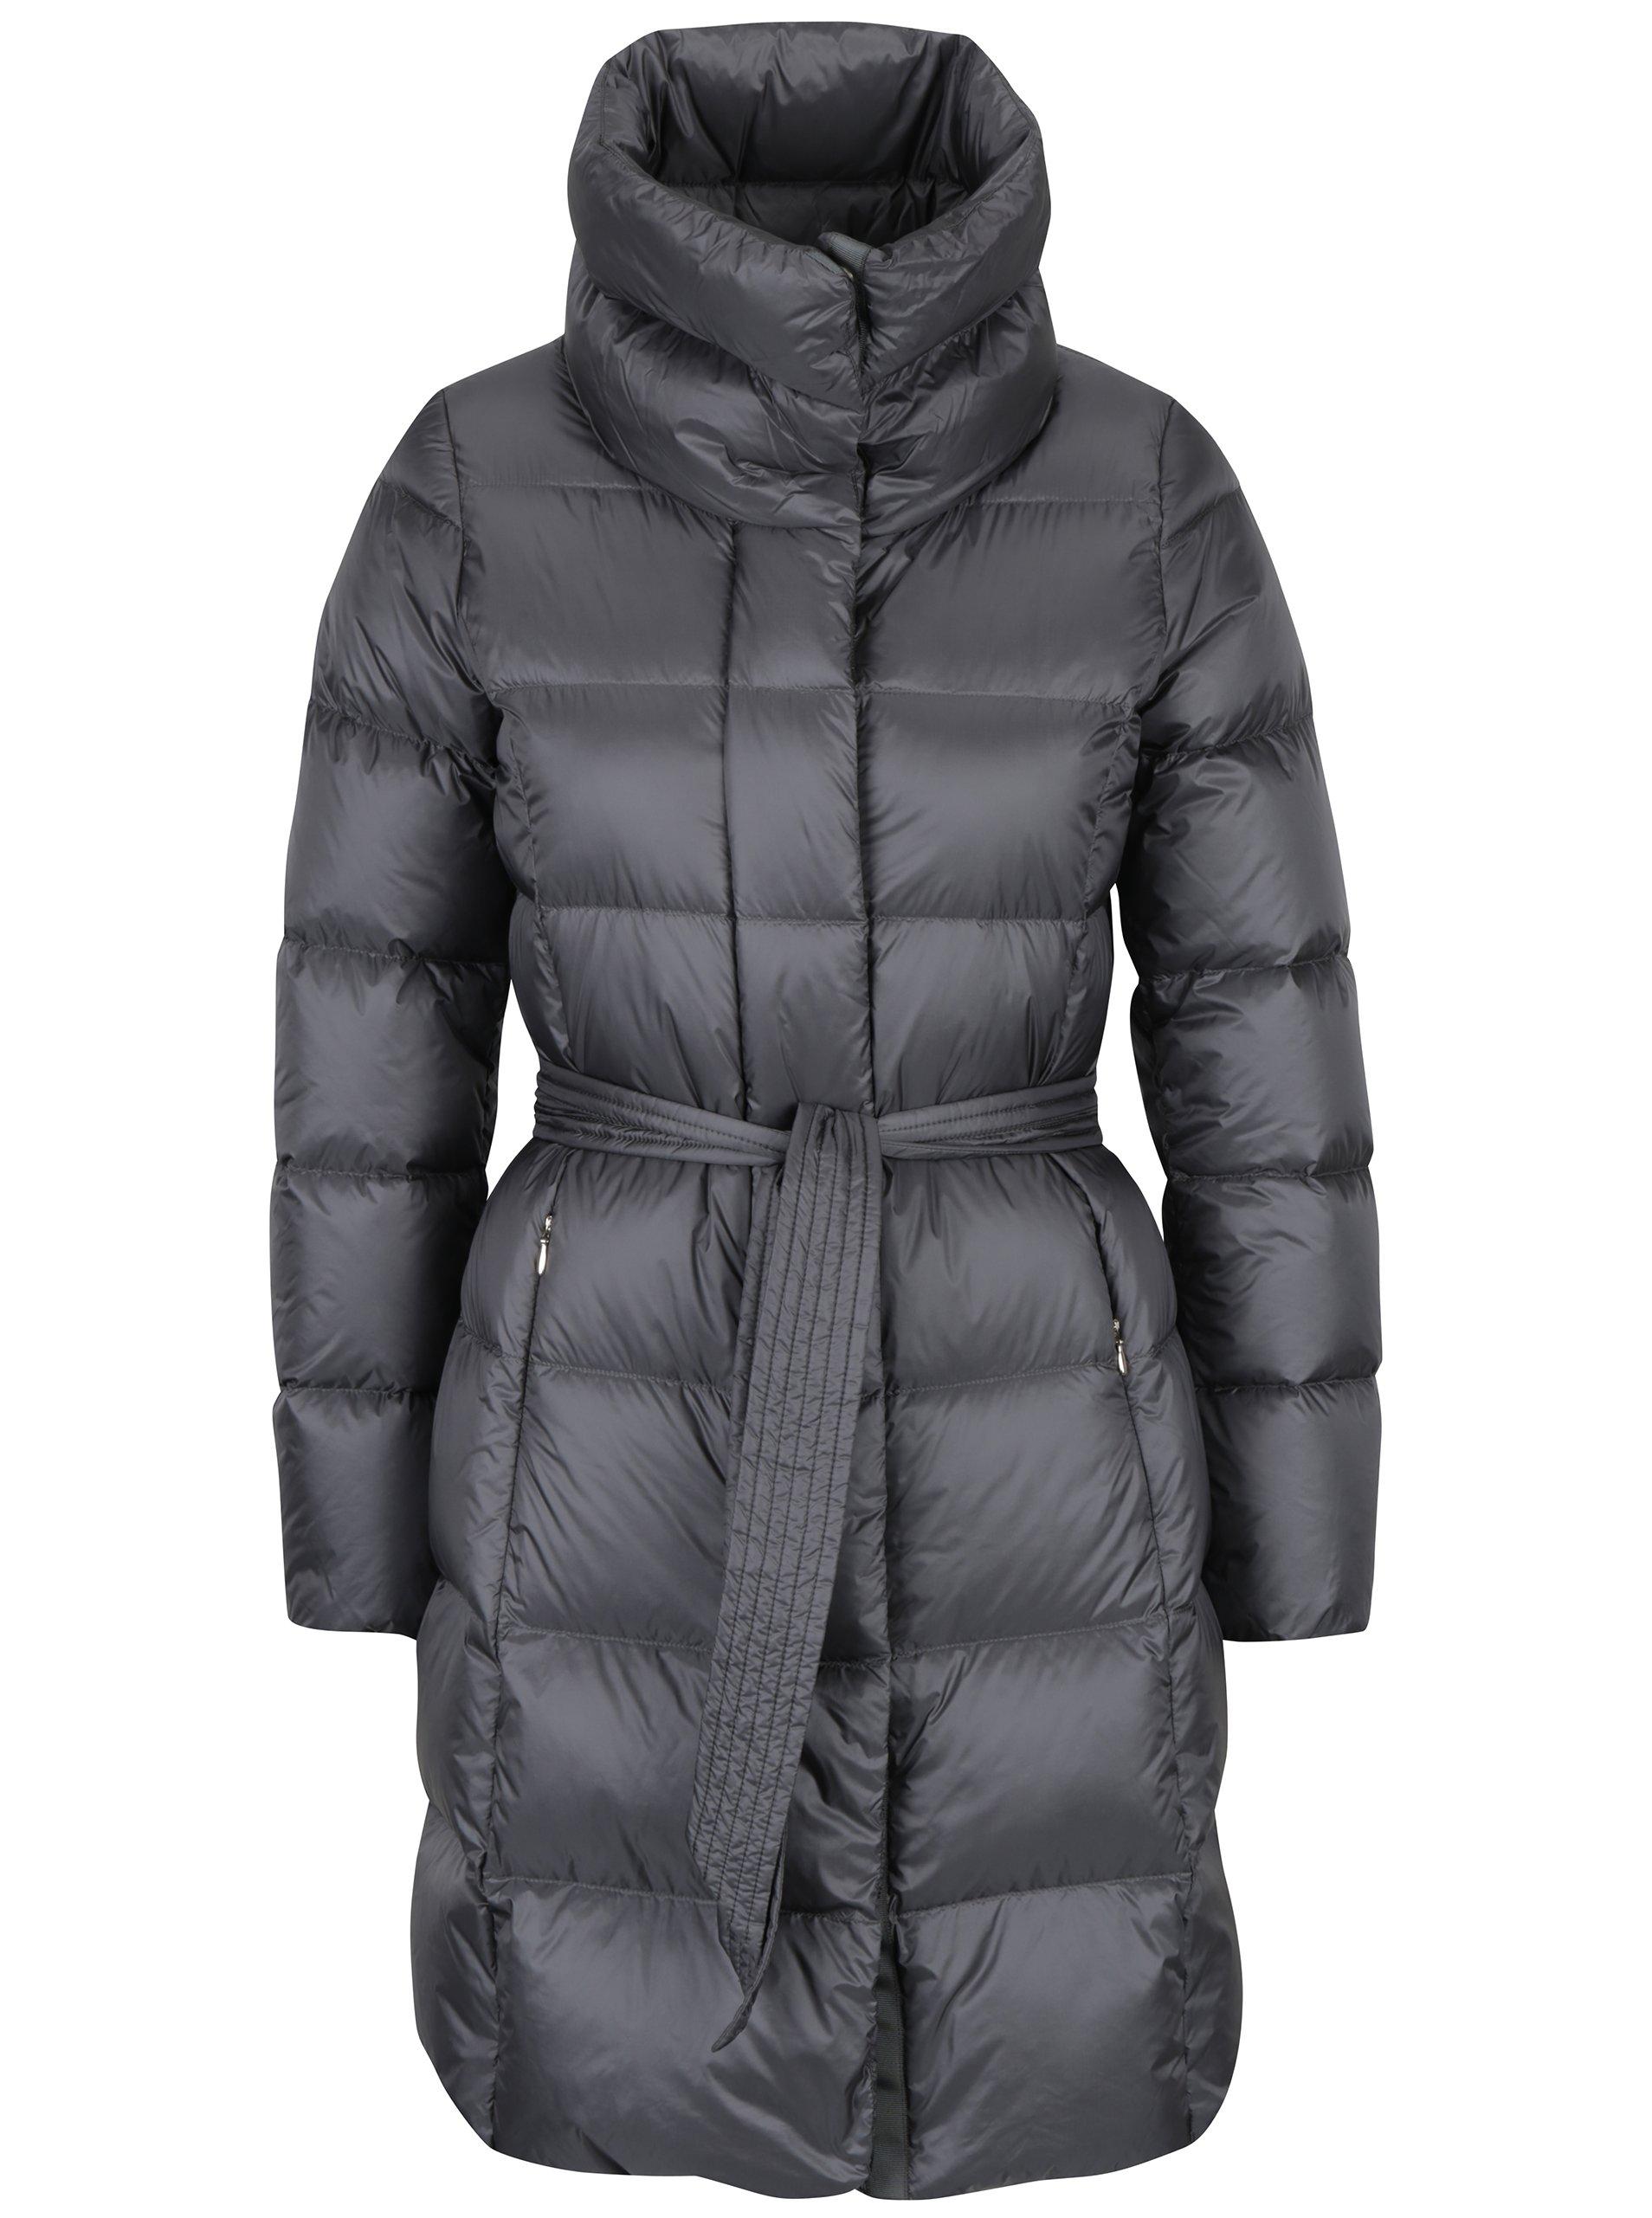 Šedý dámský prošívaný kabát s odepínatelnou kapucí Geox